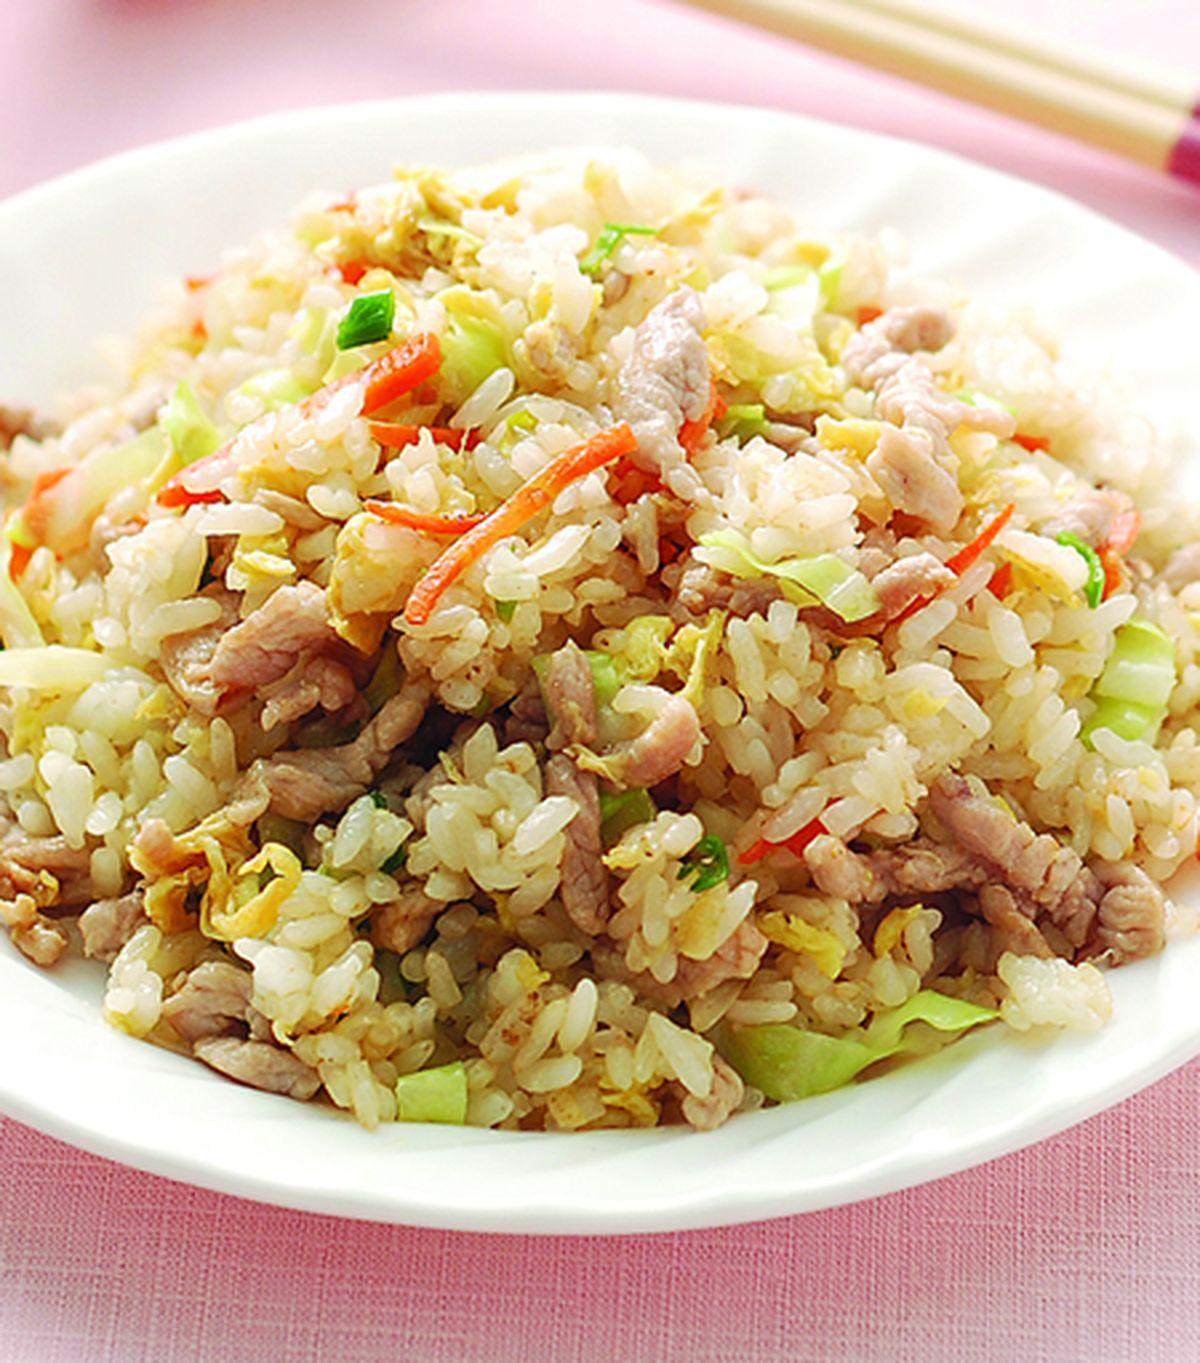 食譜:肉絲蛋炒飯(1)